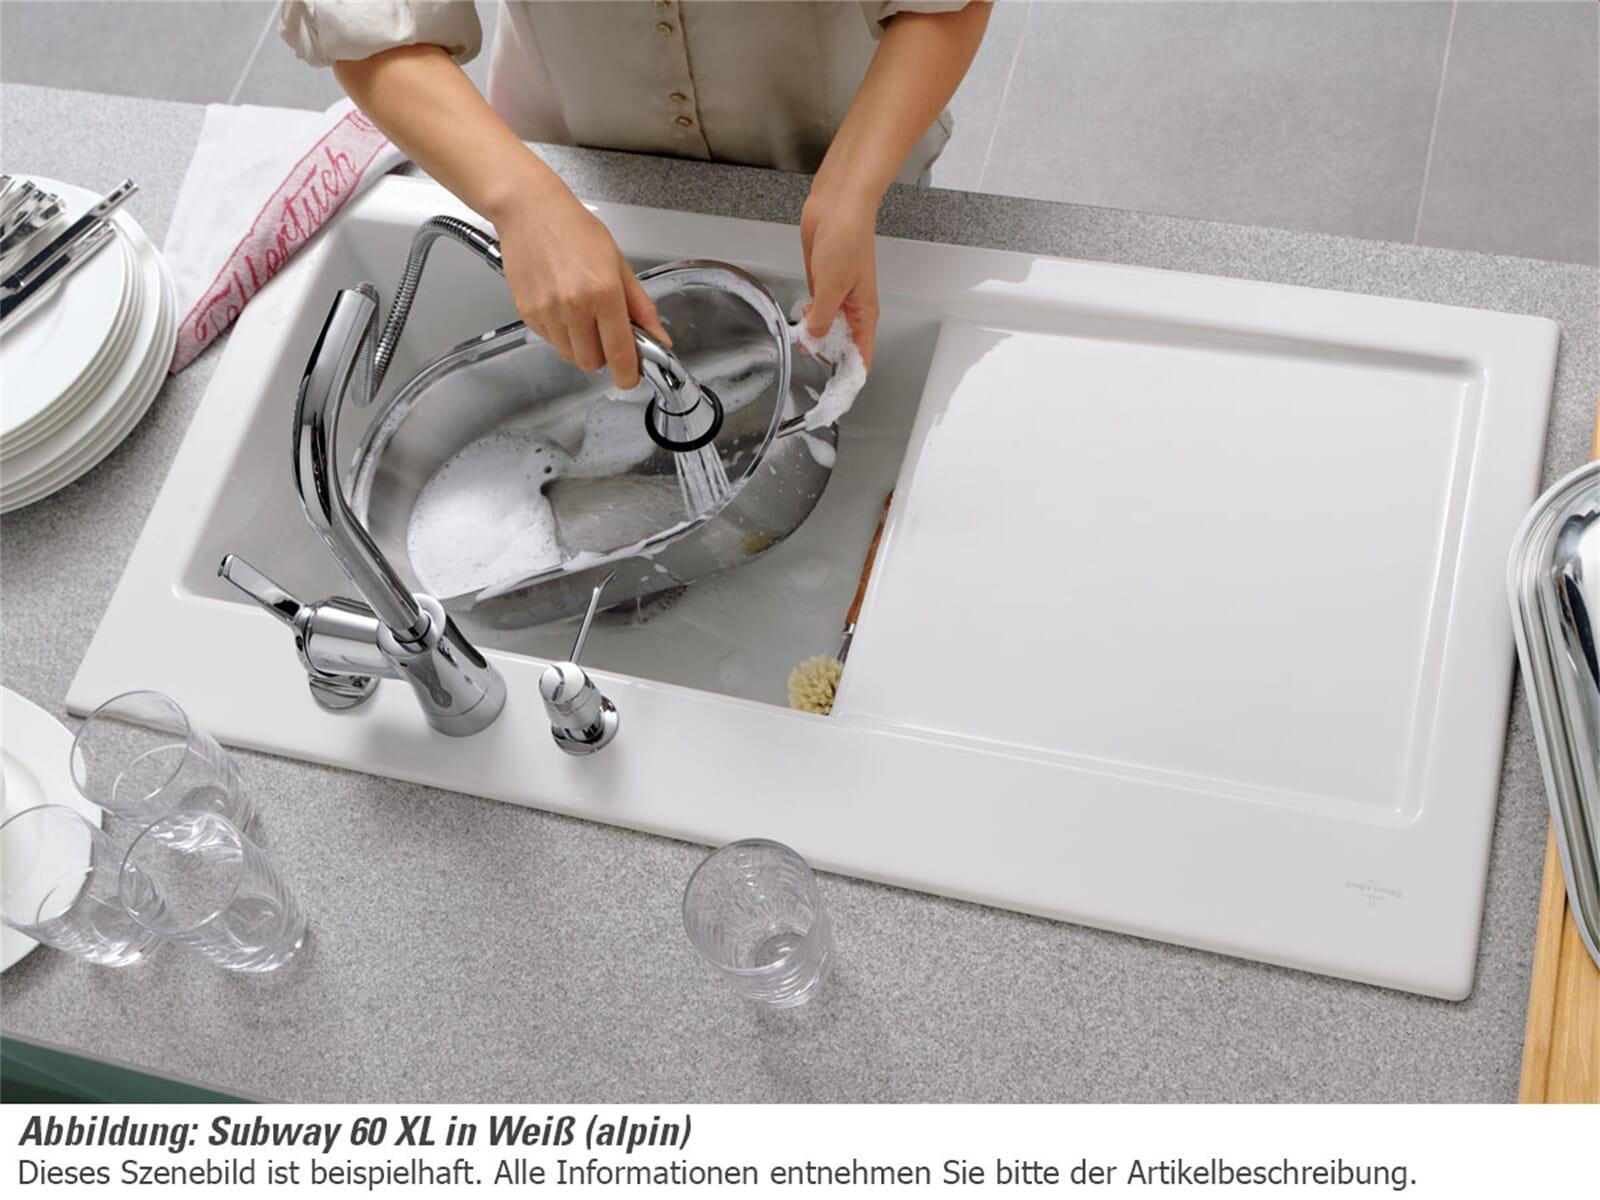 Villeroy & Boch Subway 60 XL Ebony - 6718 02 S5 Keramikspüle Exzenterbetätigung